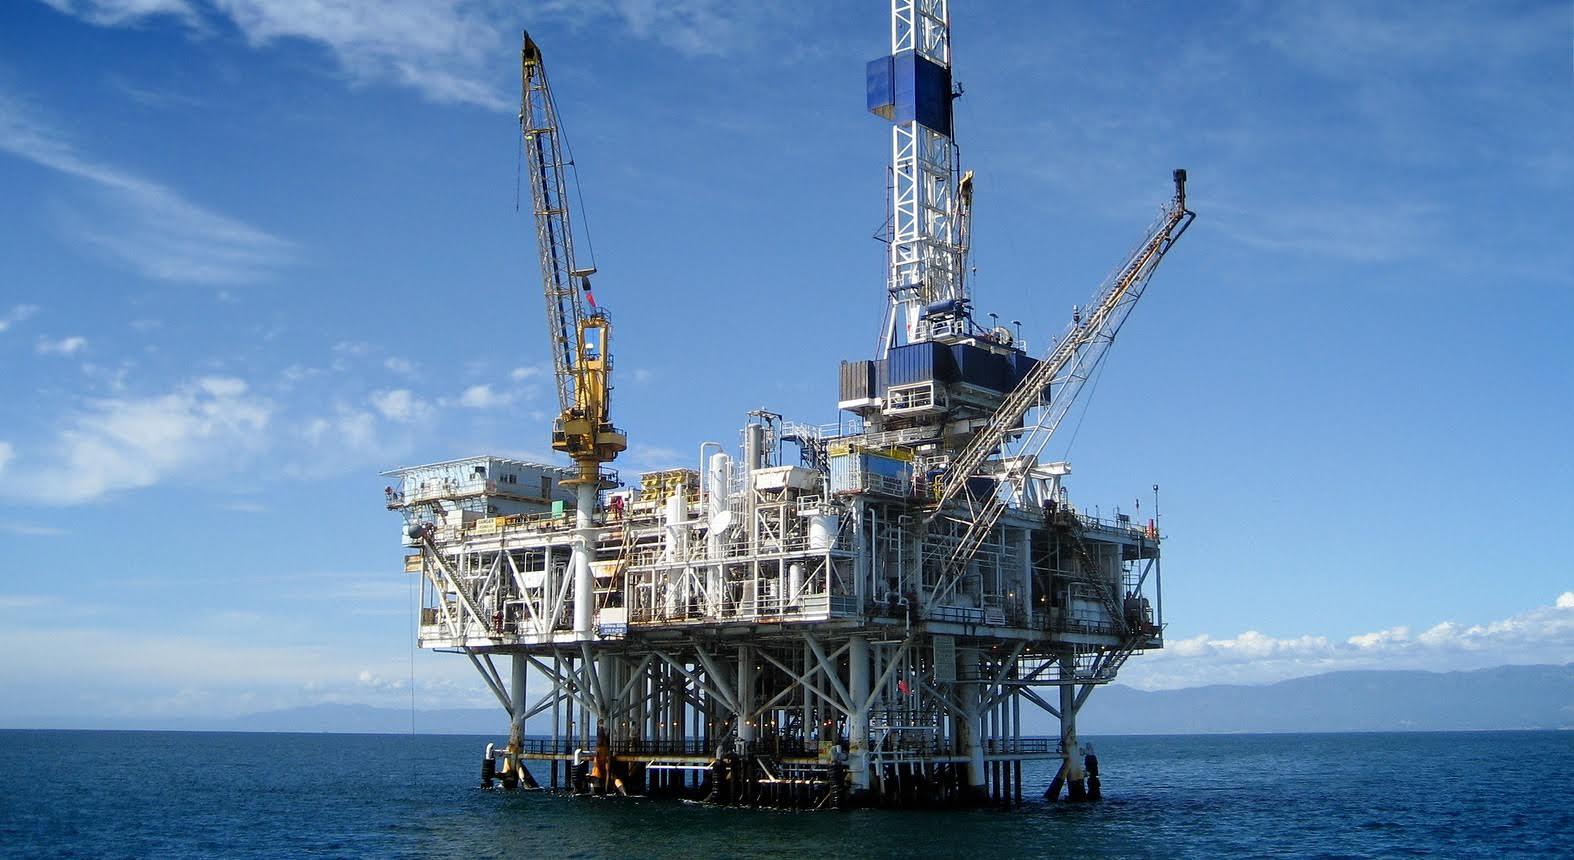 Ako Crna Gora nađe naftu na Jadranu, Hrvatska će je slediti